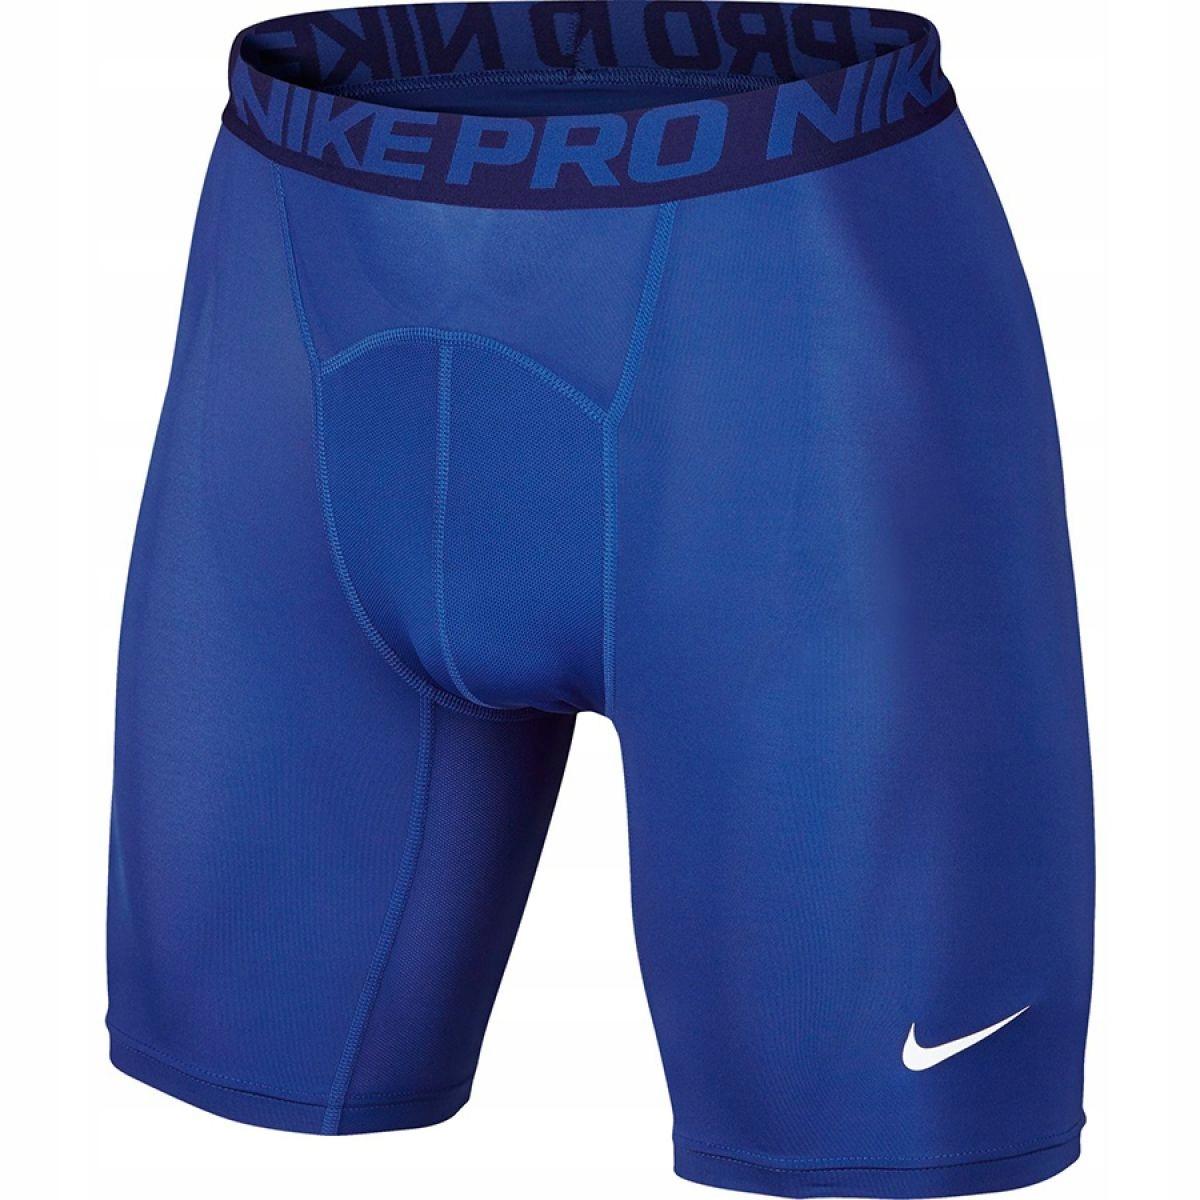 Termoaktywne šortky Nike Pro veľkosť XL